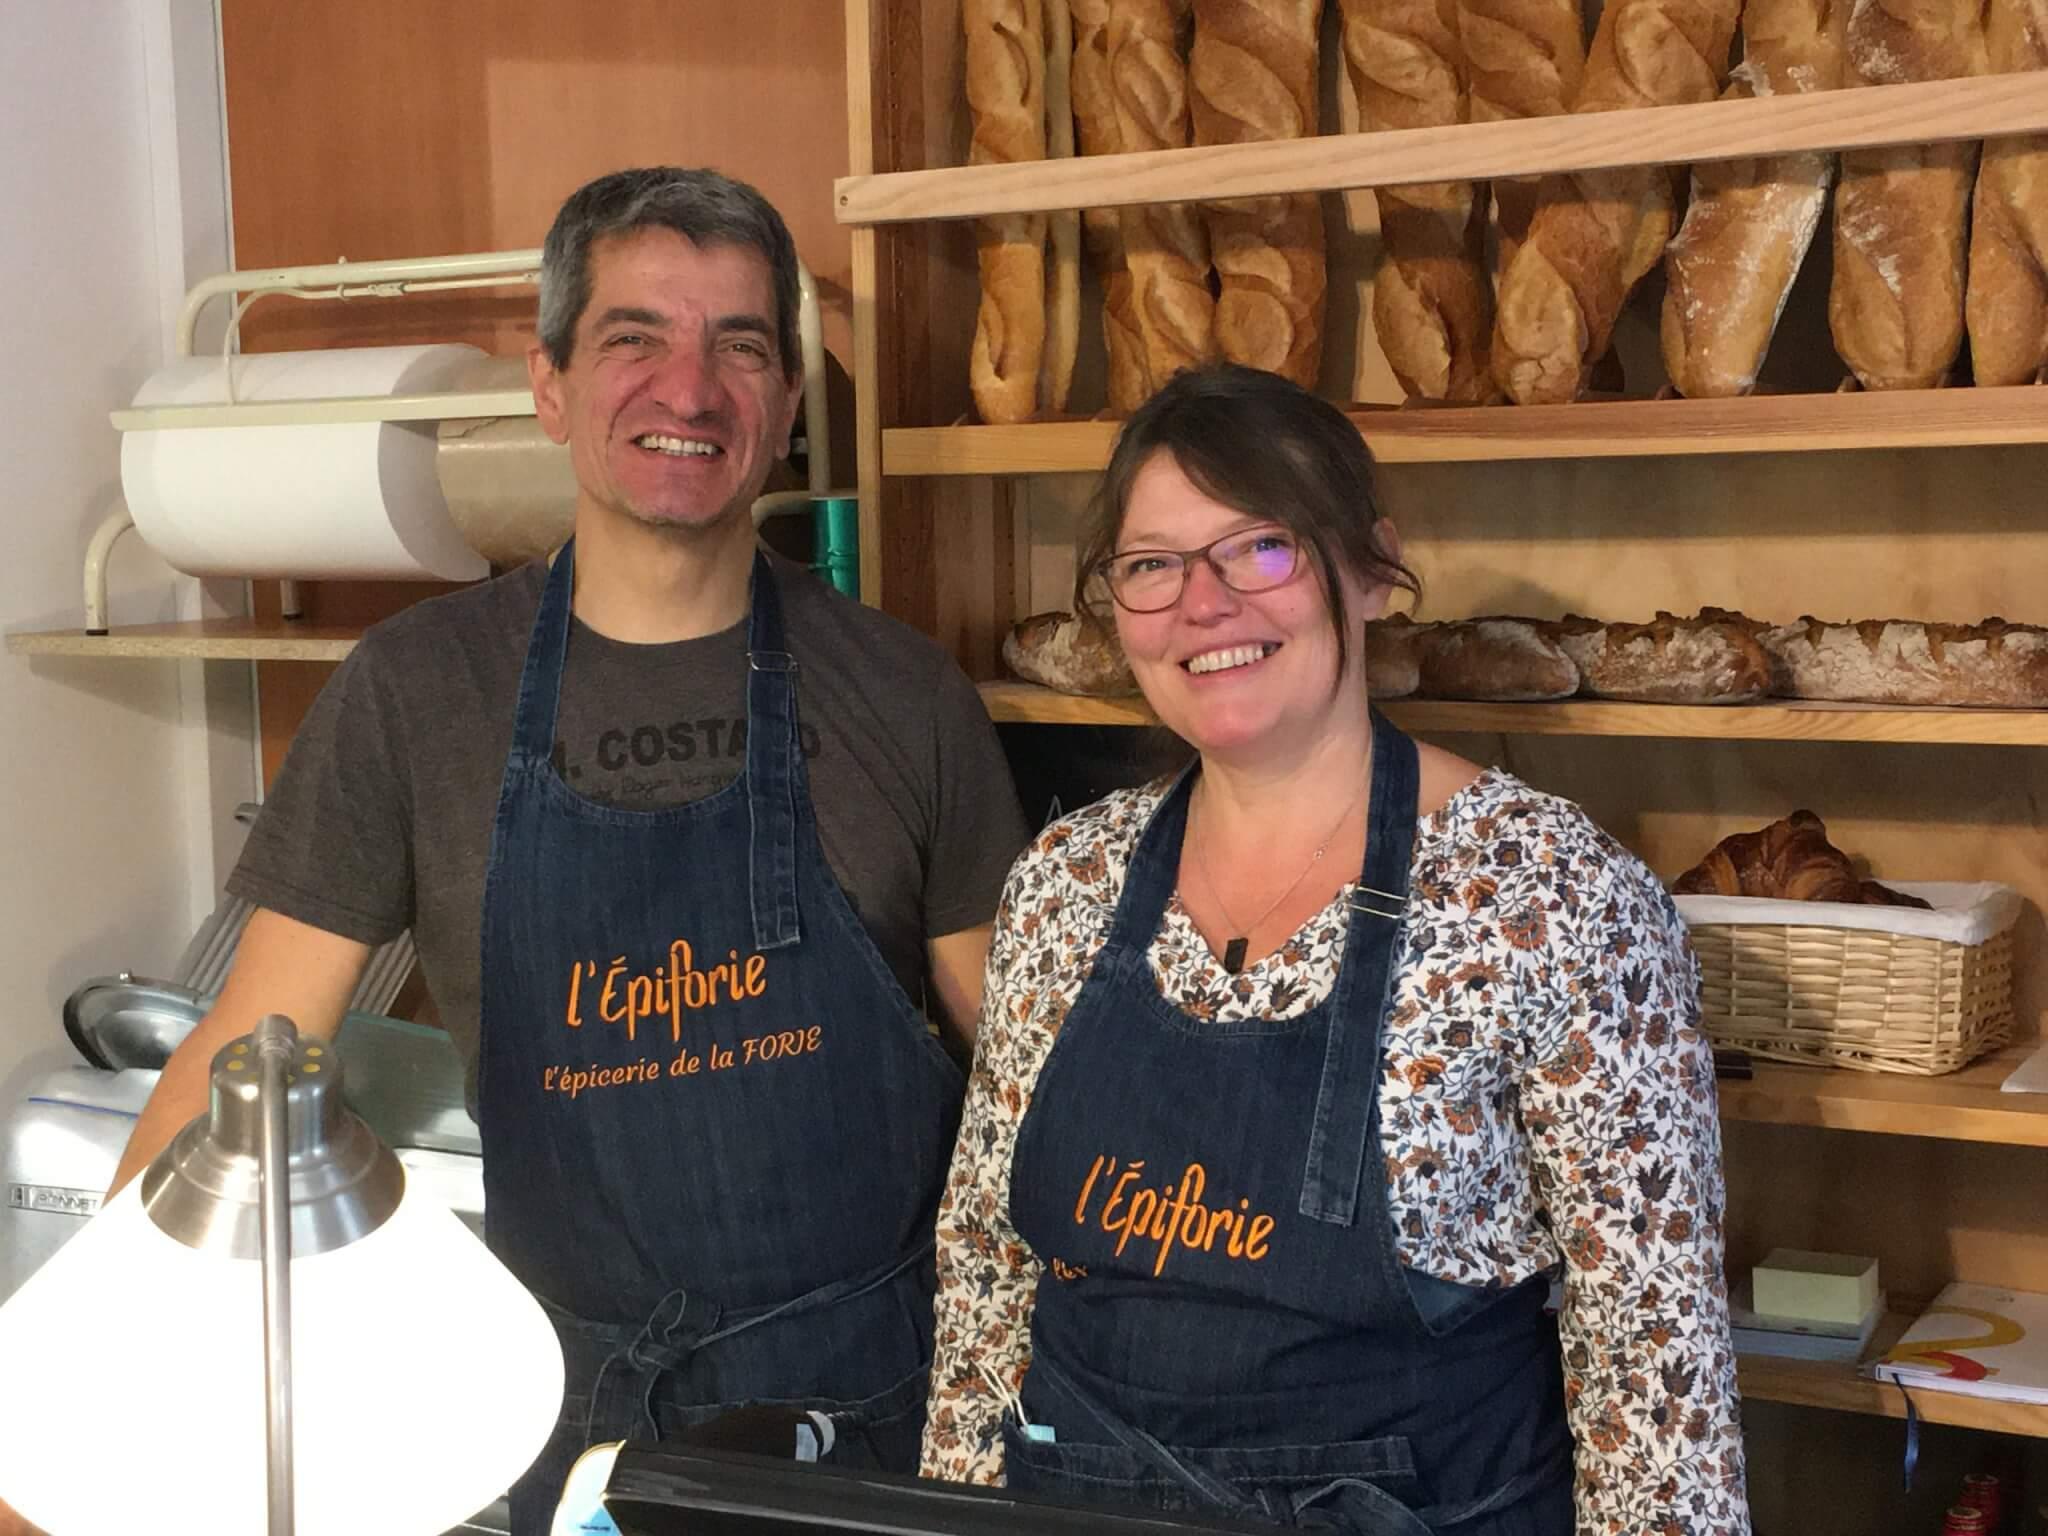 Les tenanciers de l'Epiforie, l'épicerie locale de La Forie